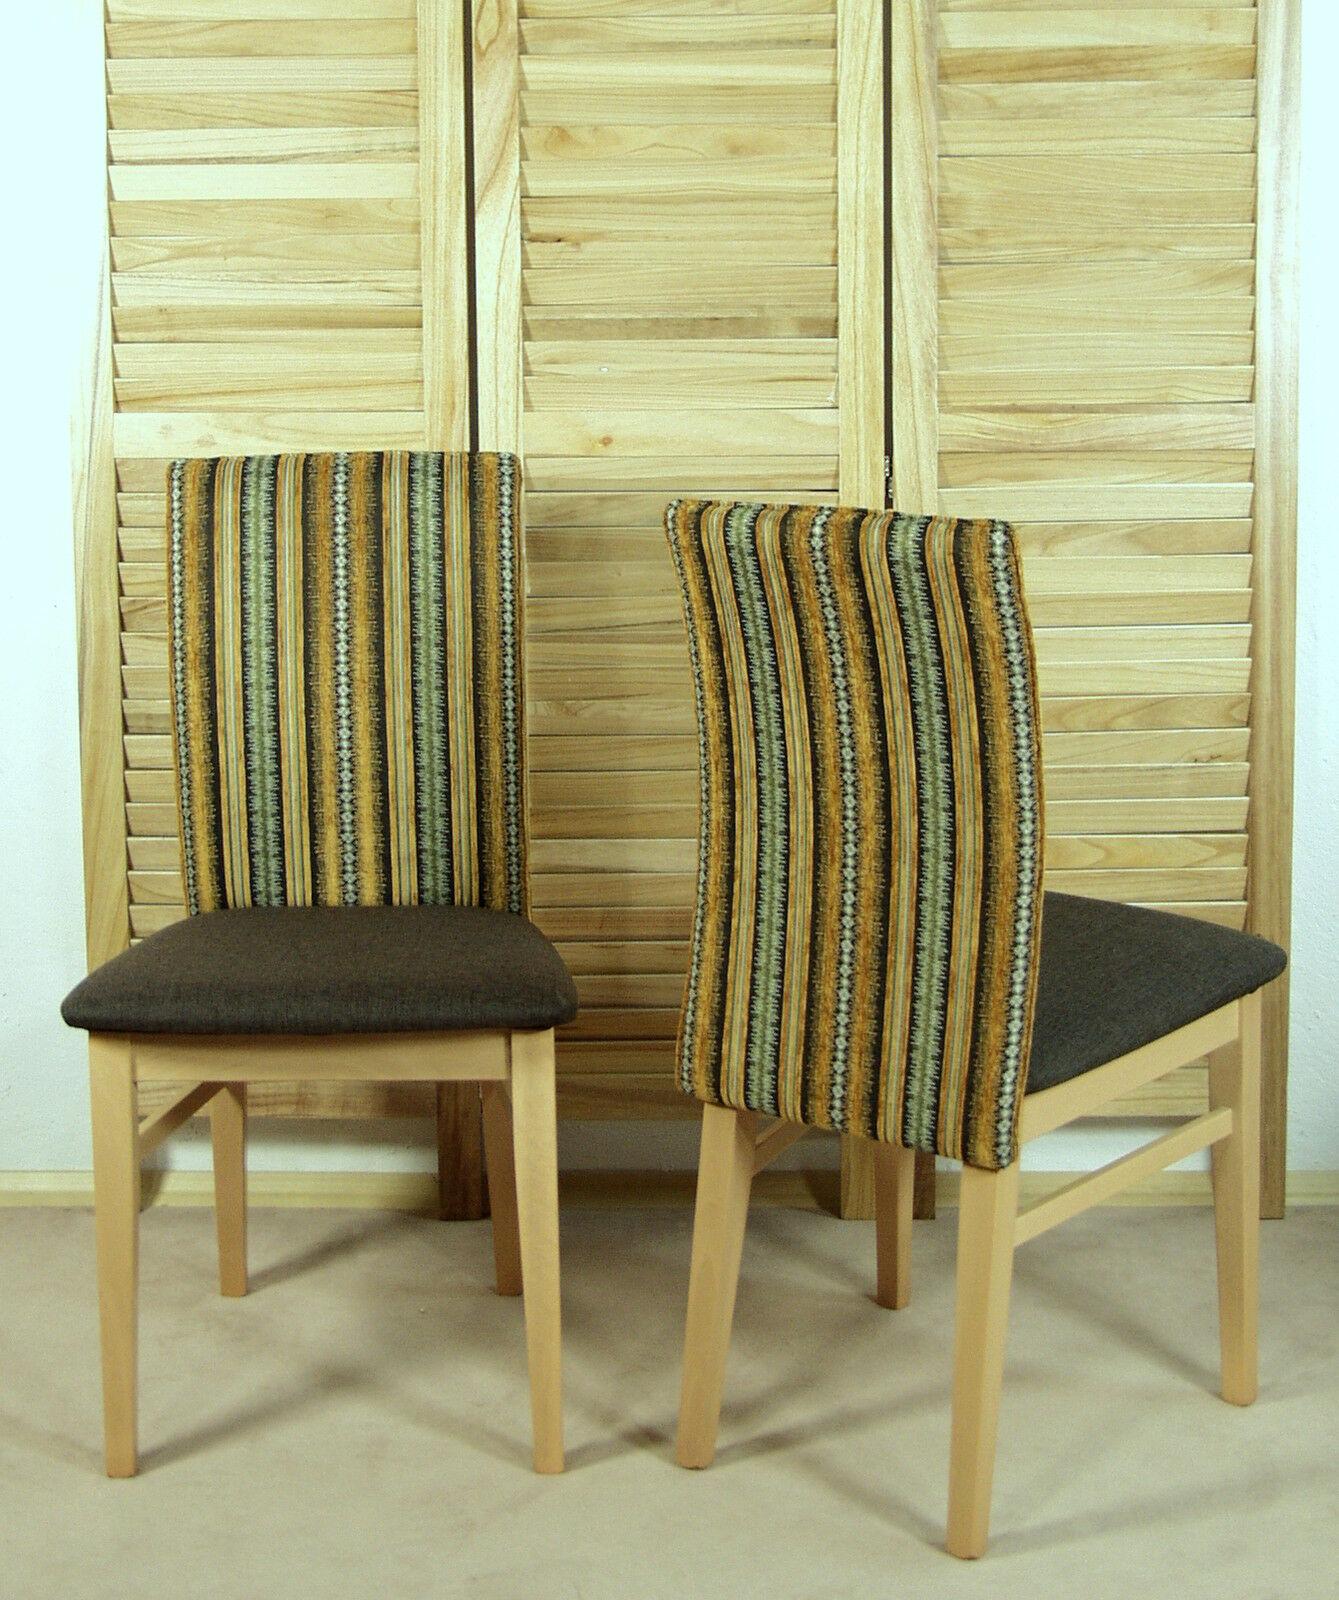 2 X Stuhl Mocca Terra Massivholz Buche Stuhle Esszimmerstuhle